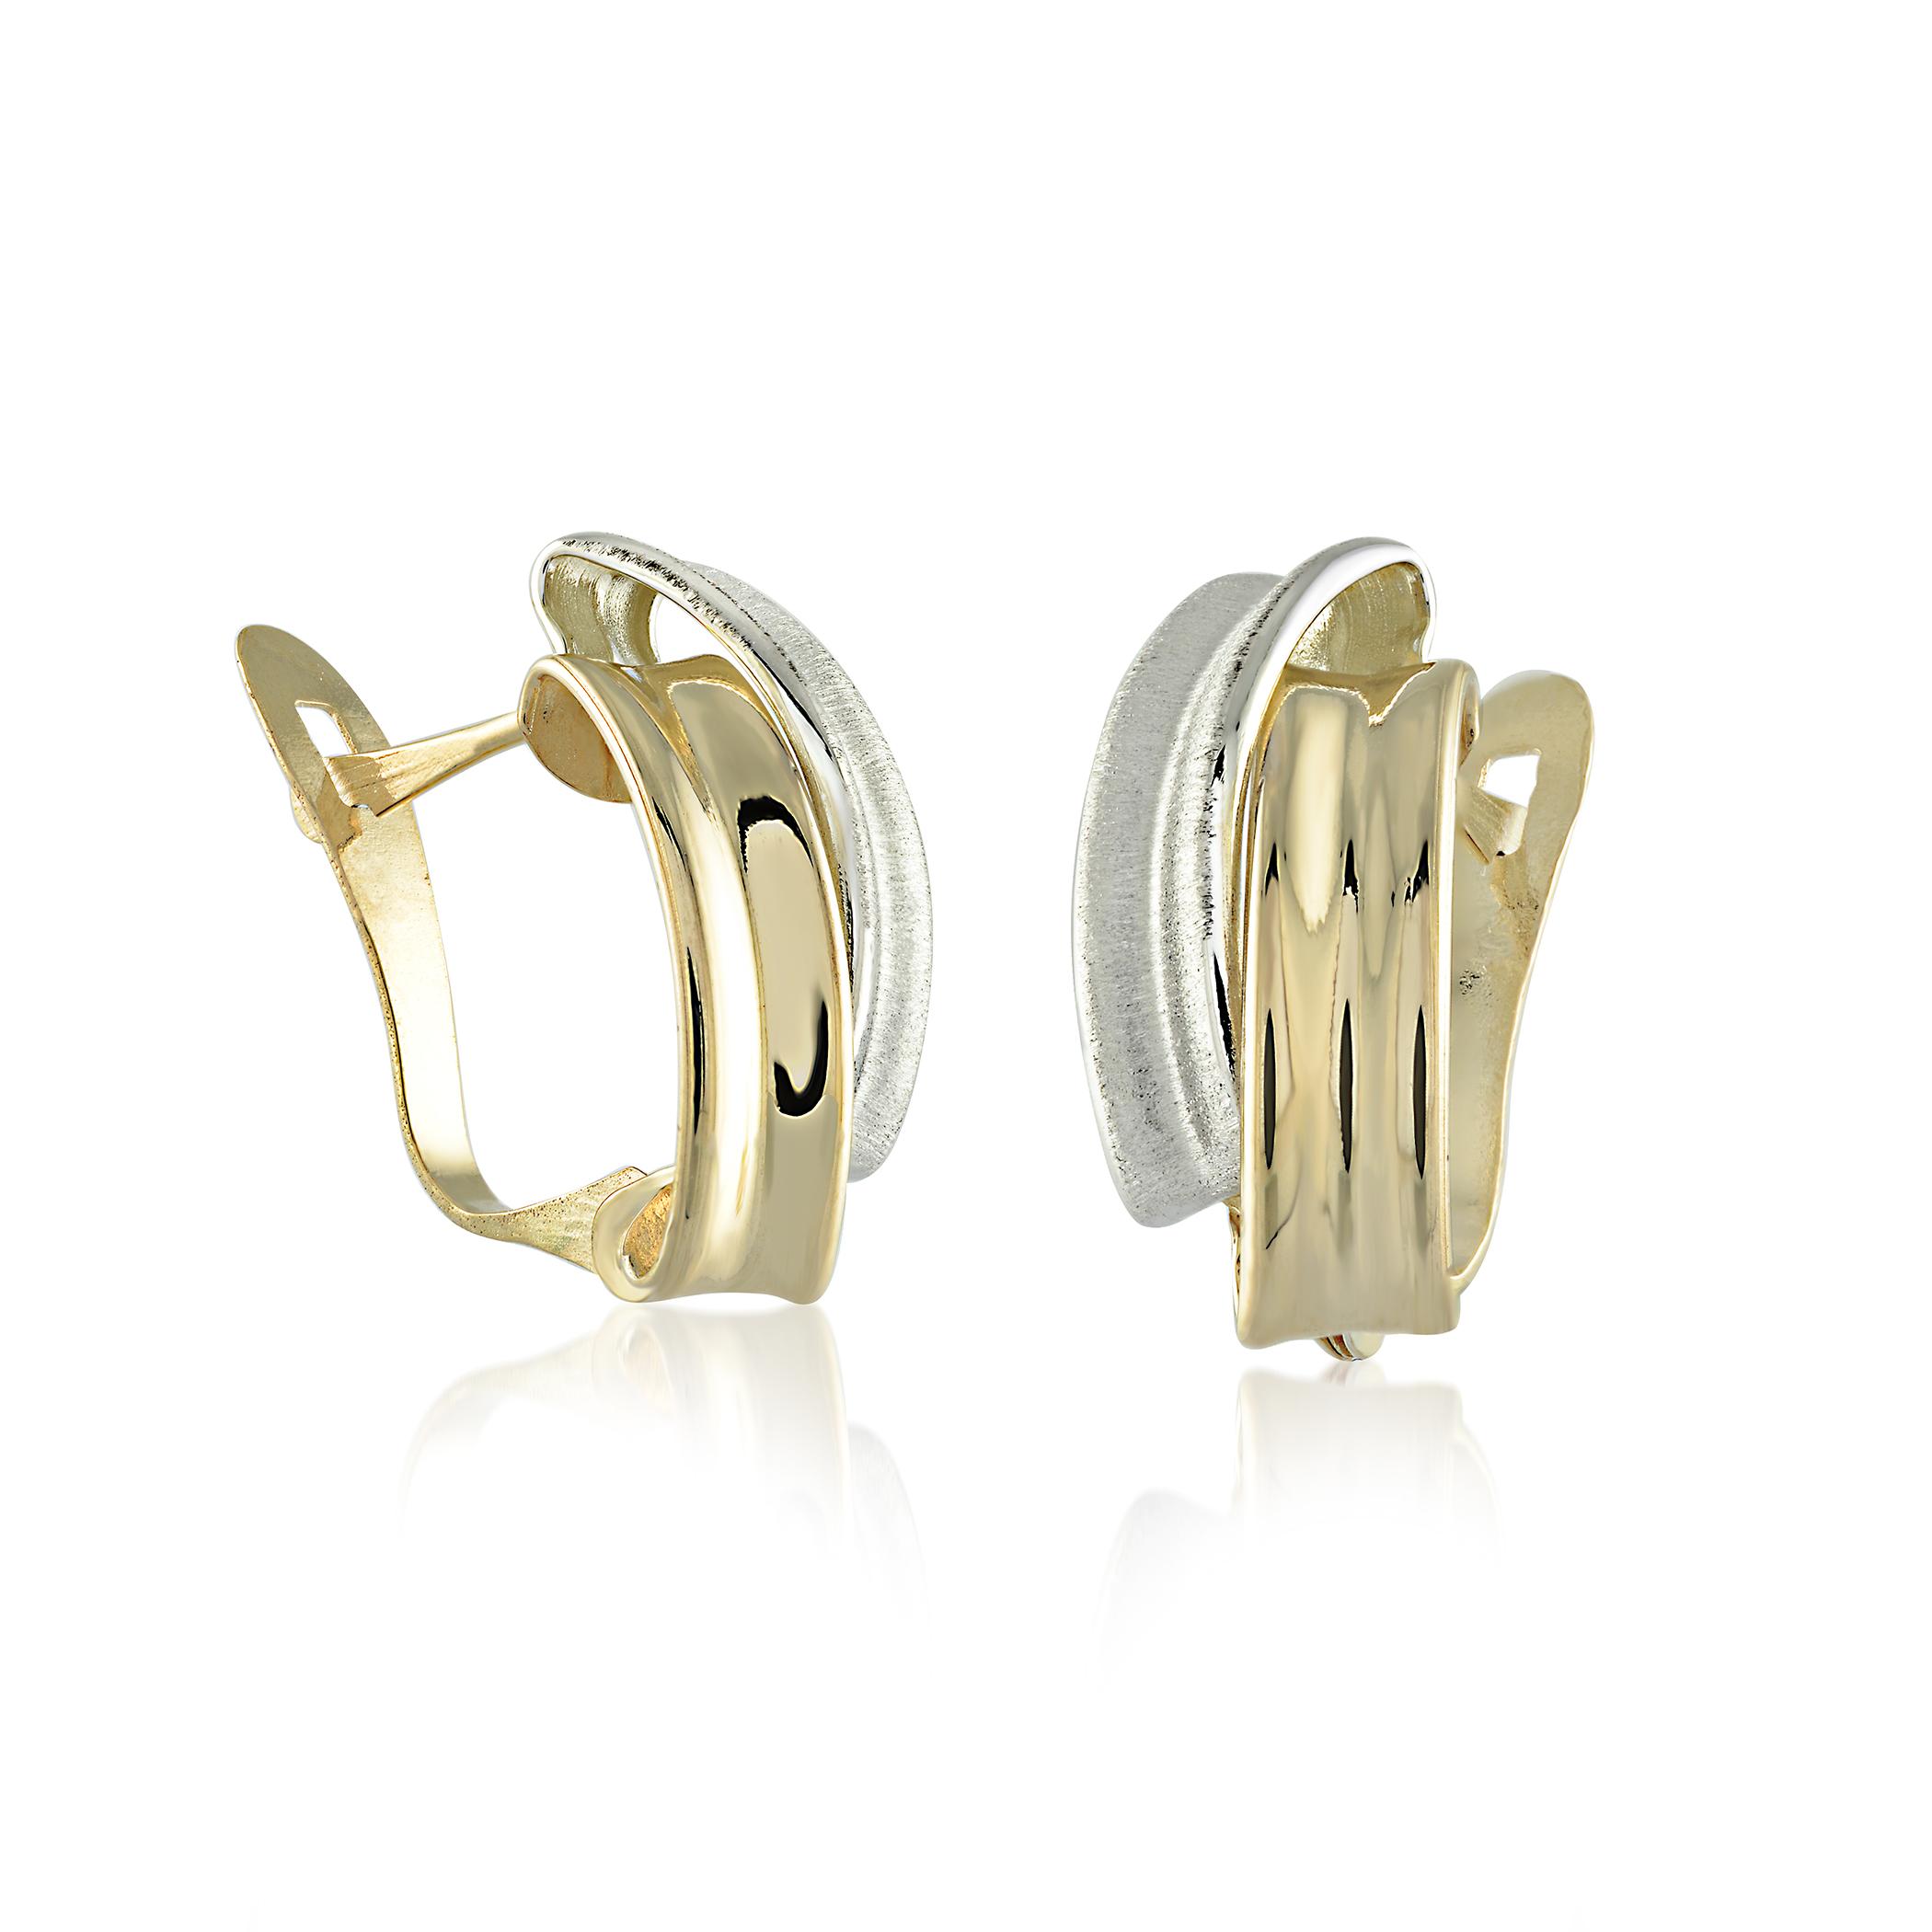 Earrings for women - 10K 2-tone Gold